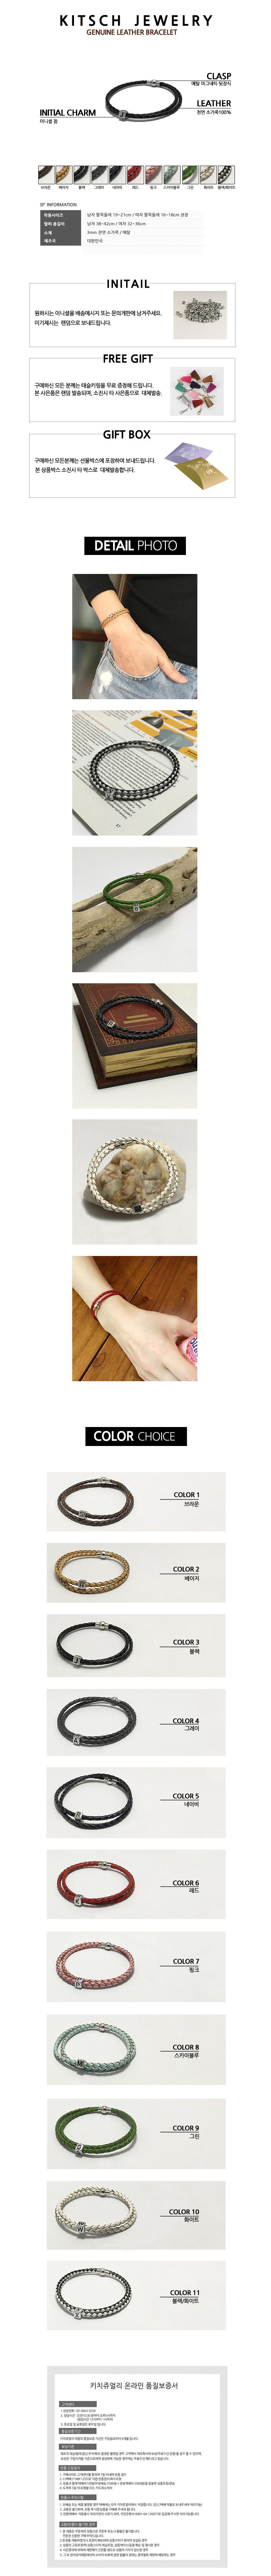 키치쥬얼리 이니셜 커플 가죽팔찌 11종 - 키치쥬얼리, 3,900원, 팔찌, 이니셜팔찌